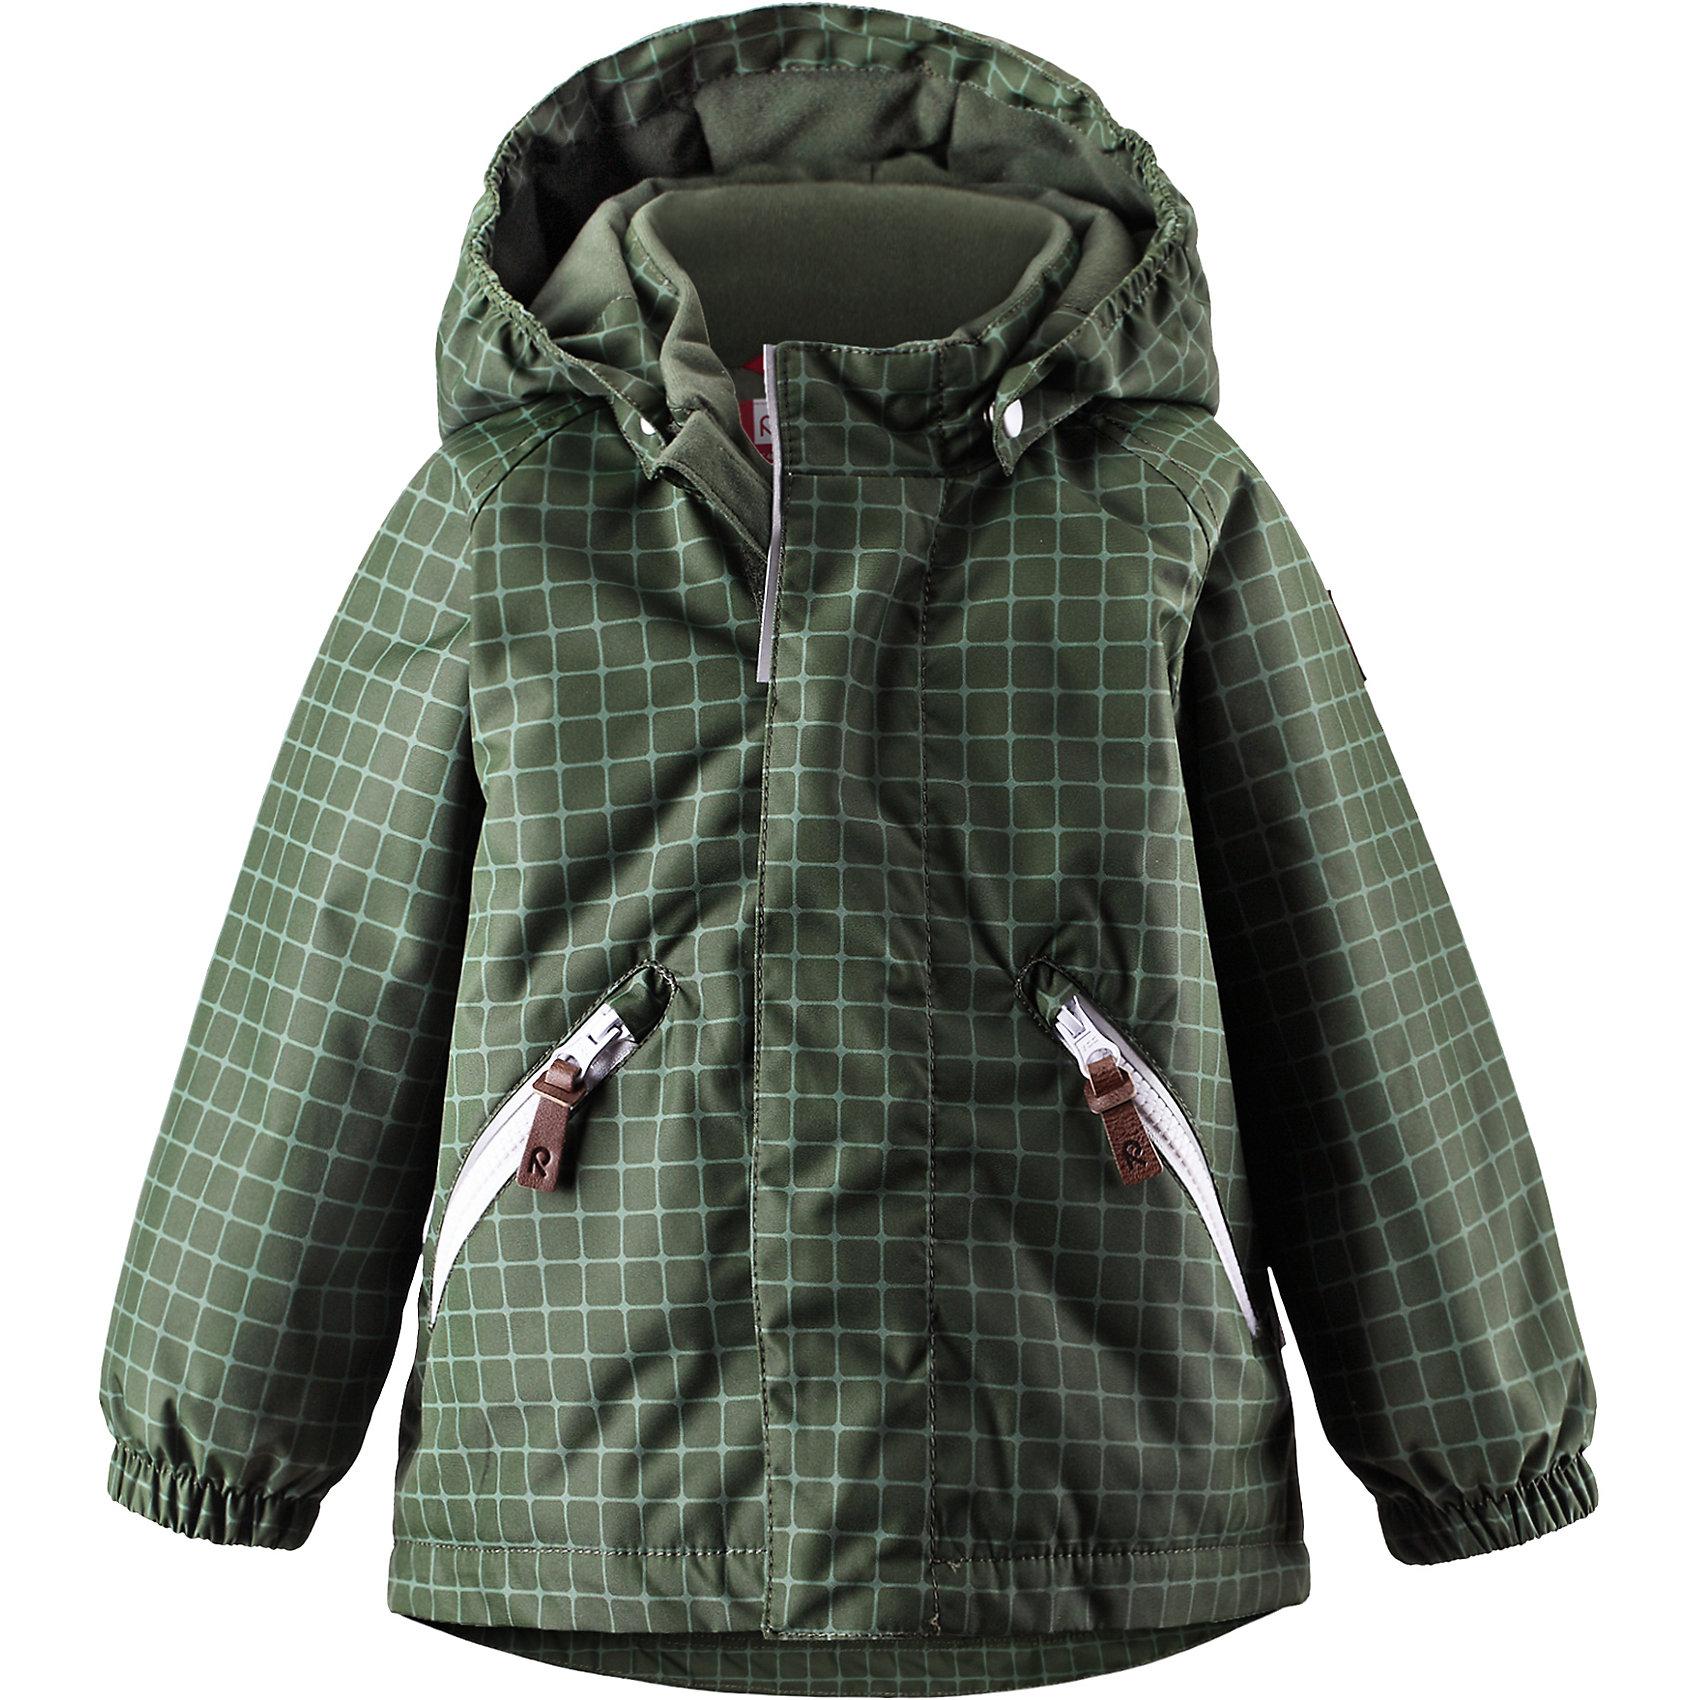 Куртка Nappaa для мальчика ReimaХарактеристики товара:<br><br>• цвет: зеленый<br>• состав: 100% полиэстер, полиуретановое покрытие<br>• температурный режим: 0° до -20° градусов<br>• утеплитель: 160 г<br>• планка от ветра<br>• основные швы проклеены<br>• съёмный капюшон<br>• молния<br>• светоотражающие детали<br>• «дышащий» материал<br>• ветро- водо- и грязеотталкивающий материал<br>• карманы<br>• комфортная посадка<br>• страна производства: Китай<br>• страна бренда: Финляндия<br><br>Верхняя одежда для детей может быть модной и комфортной одновременно! Эти зимняя куртка поможет обеспечить ребенку комфорт и тепло. Она отлично смотрится с различной одеждой и обувью. Изделие удобно сидит и модно выглядит. Стильный дизайн разрабатывался специально для детей. Отличный вариант для активного отдыха зимой!<br><br>Одежда и обувь от финского бренда Reima пользуется популярностью во многих странах. Эти изделия стильные, качественные и удобные. Для производства продукции используются только безопасные, проверенные материалы и фурнитура. Порадуйте ребенка модными и красивыми вещами от Reima! <br><br>Куртку Nappaa для мальчика от финского бренда Reimatec® Reima (Рейма) можно купить в нашем интернет-магазине.<br><br>Ширина мм: 356<br>Глубина мм: 10<br>Высота мм: 245<br>Вес г: 519<br>Цвет: зеленый<br>Возраст от месяцев: 12<br>Возраст до месяцев: 15<br>Пол: Унисекс<br>Возраст: Детский<br>Размер: 80,98,74,86,92<br>SKU: 5415422